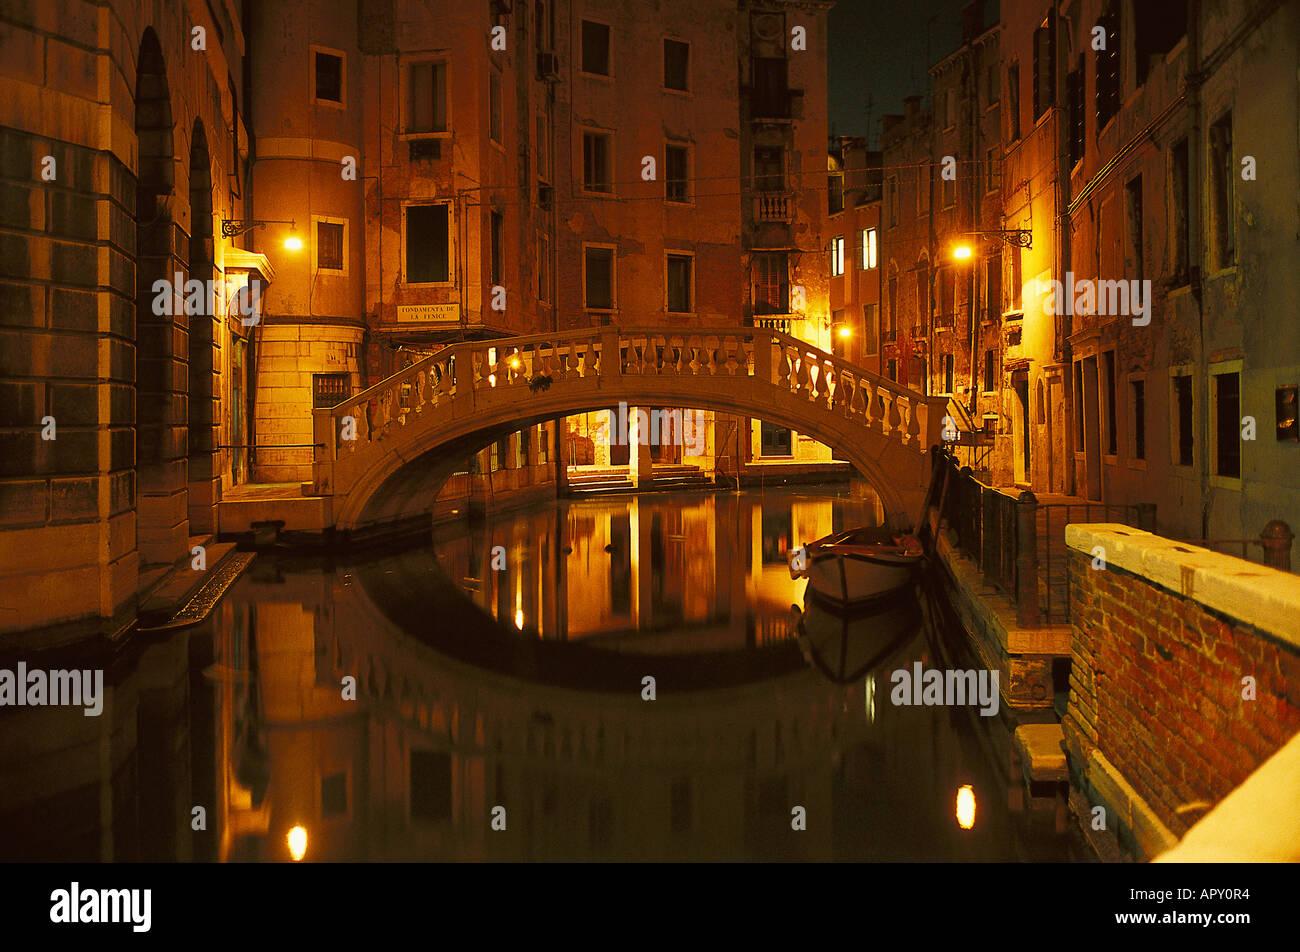 Ambiance de nuit, Canal et le pont, Venise Italie Photo Stock